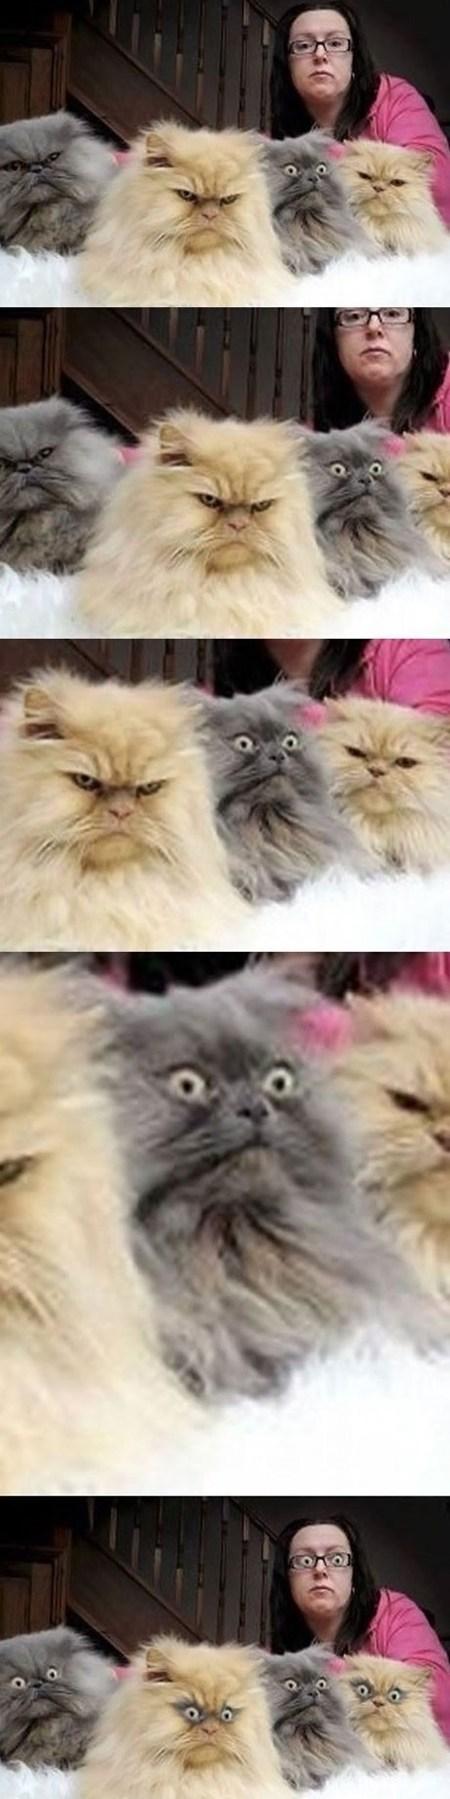 cat surprise - 7116487680